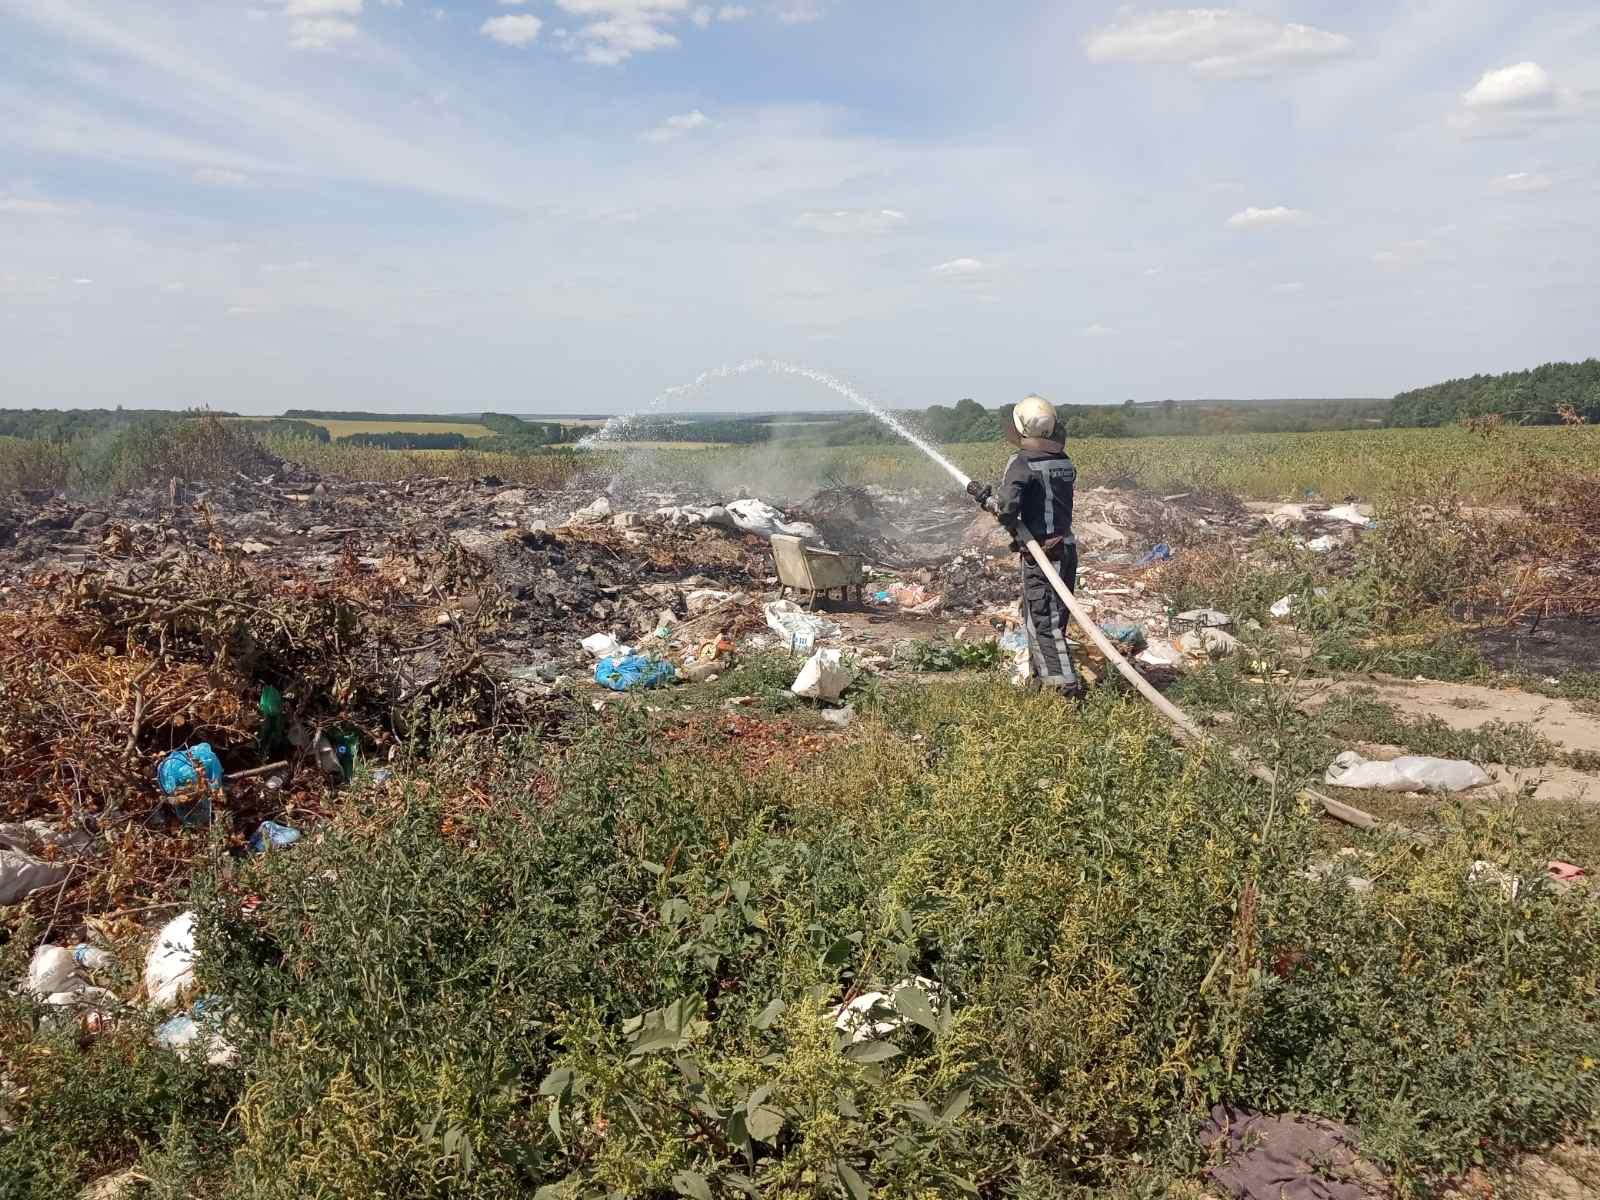 Підпали сухої трави перетворюються на рукотворне стихійне лихо - рятувальники -  - zobrazhennya viber 2020 08 18 15 33 54